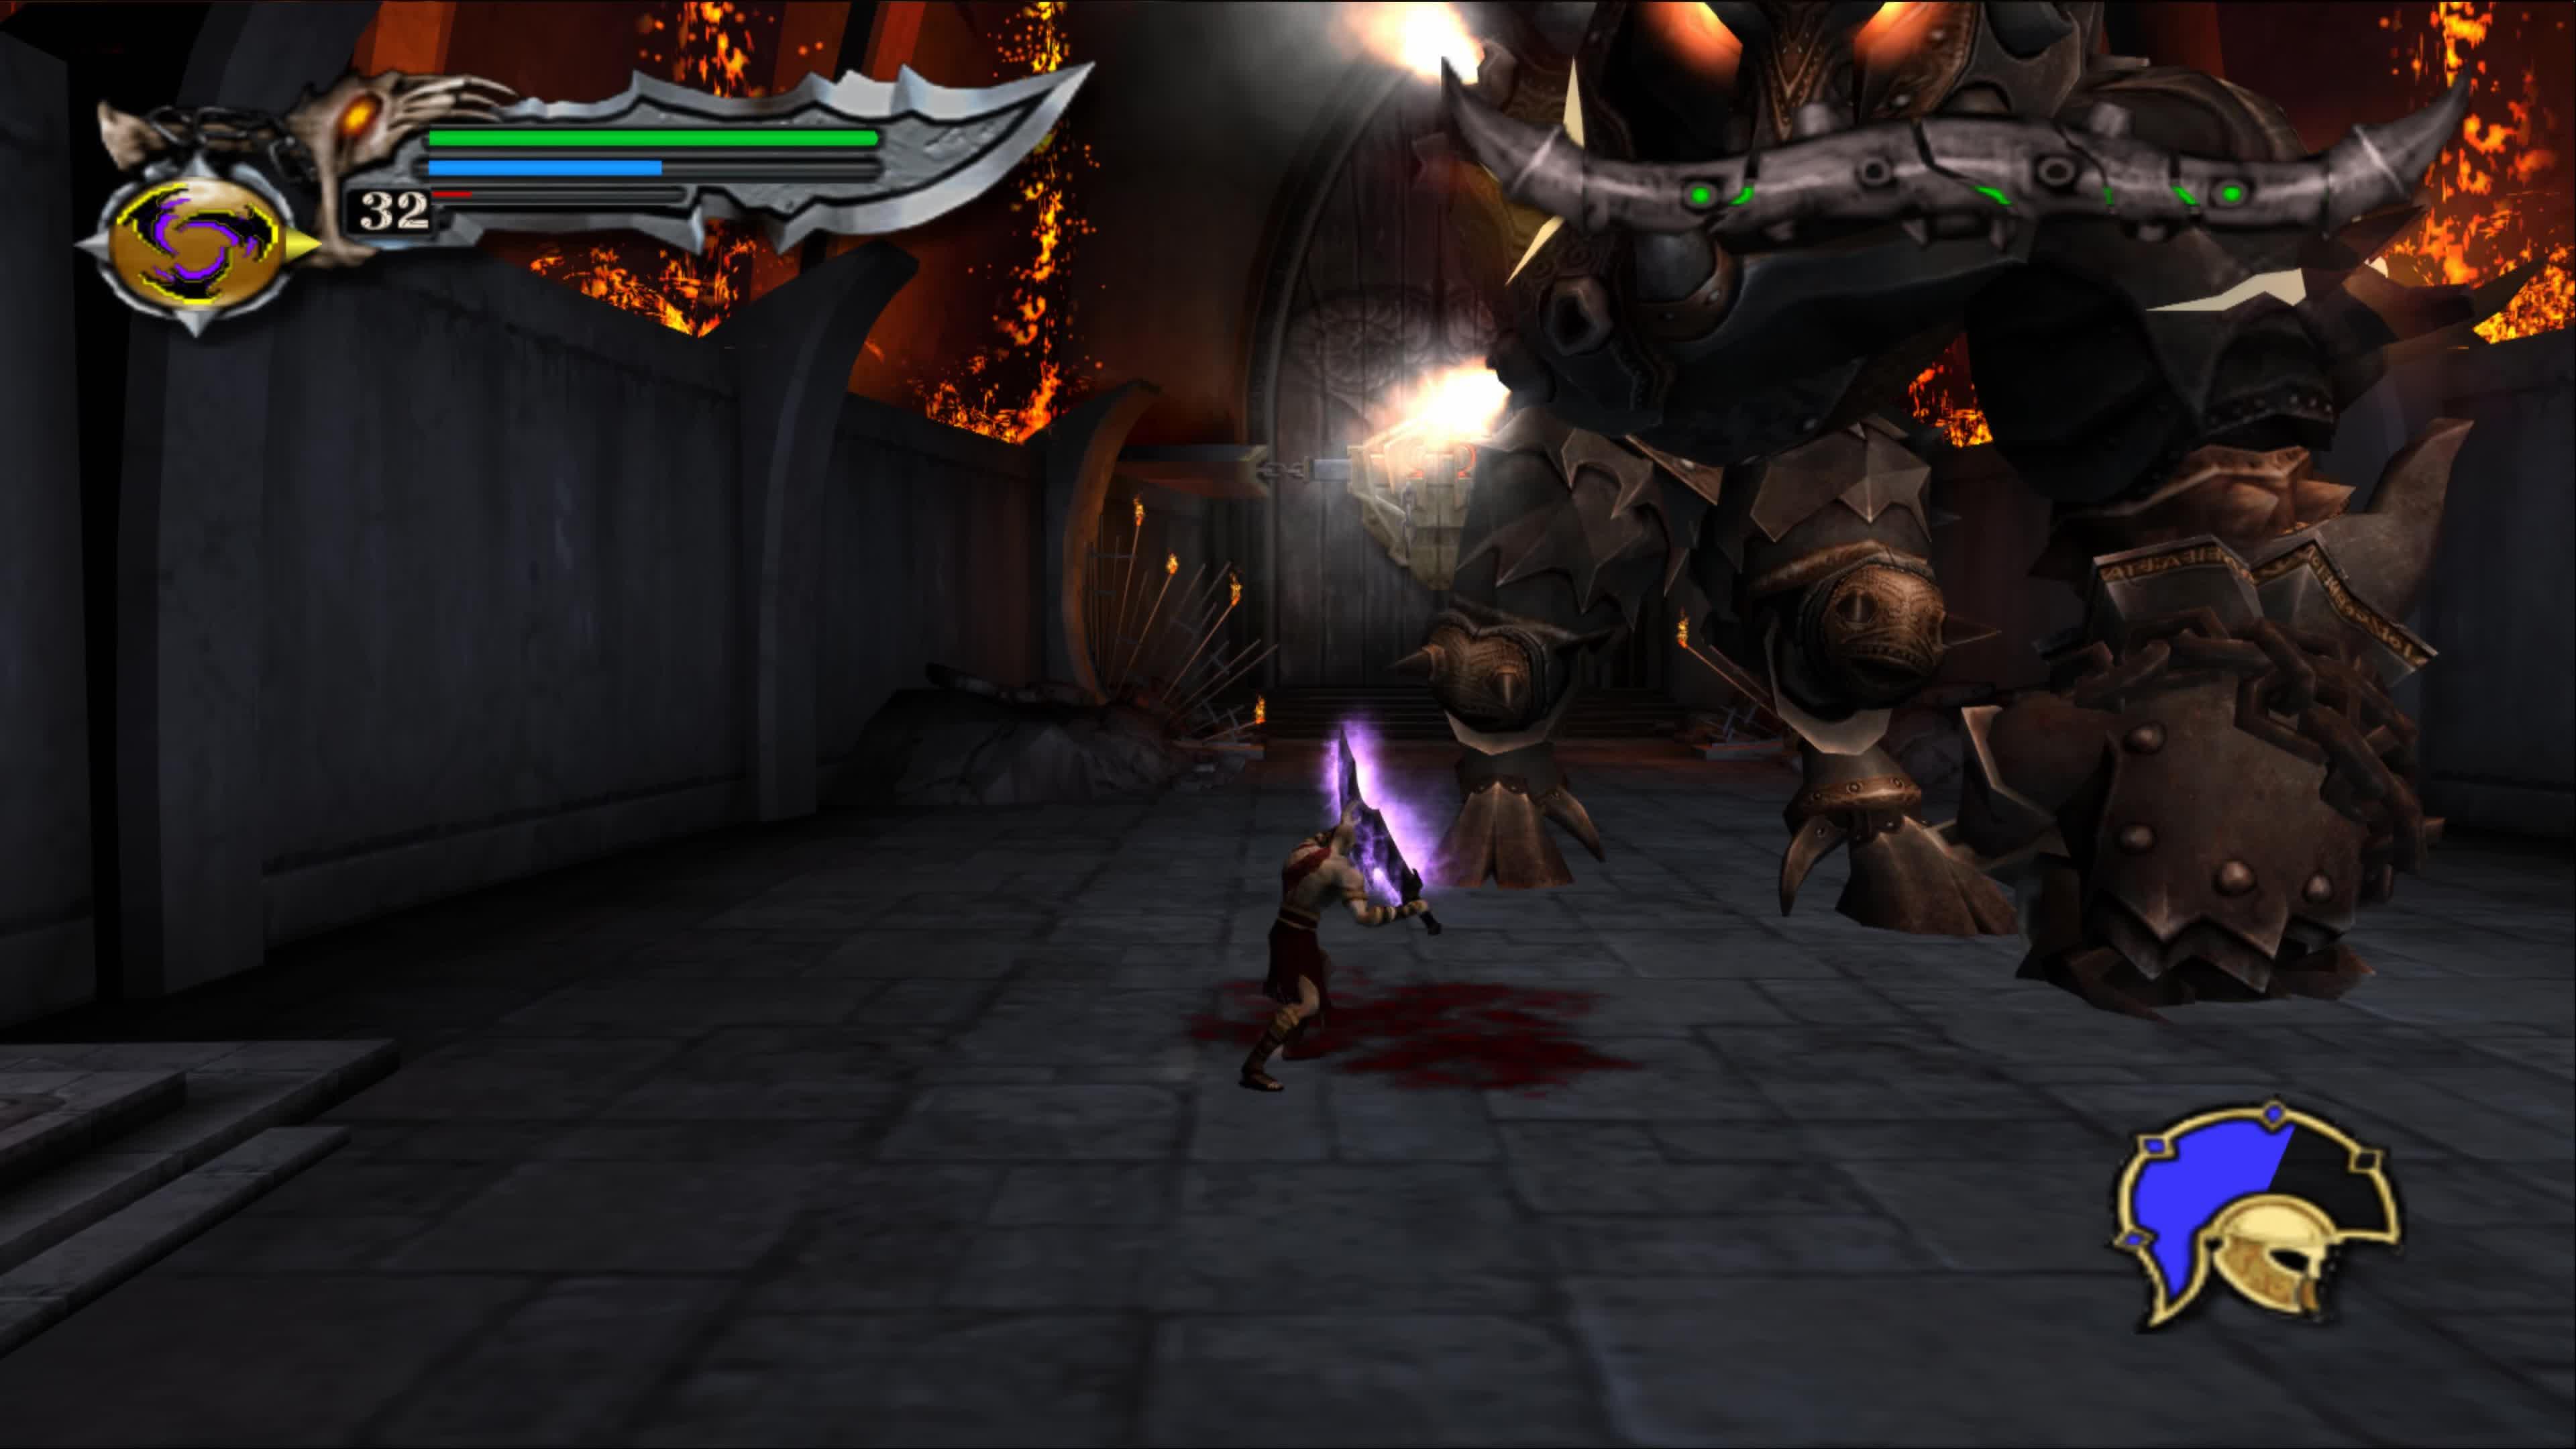 God Of War 1 HD - Gameplay Walkthrough Part 8 - Minotaur Boss ...